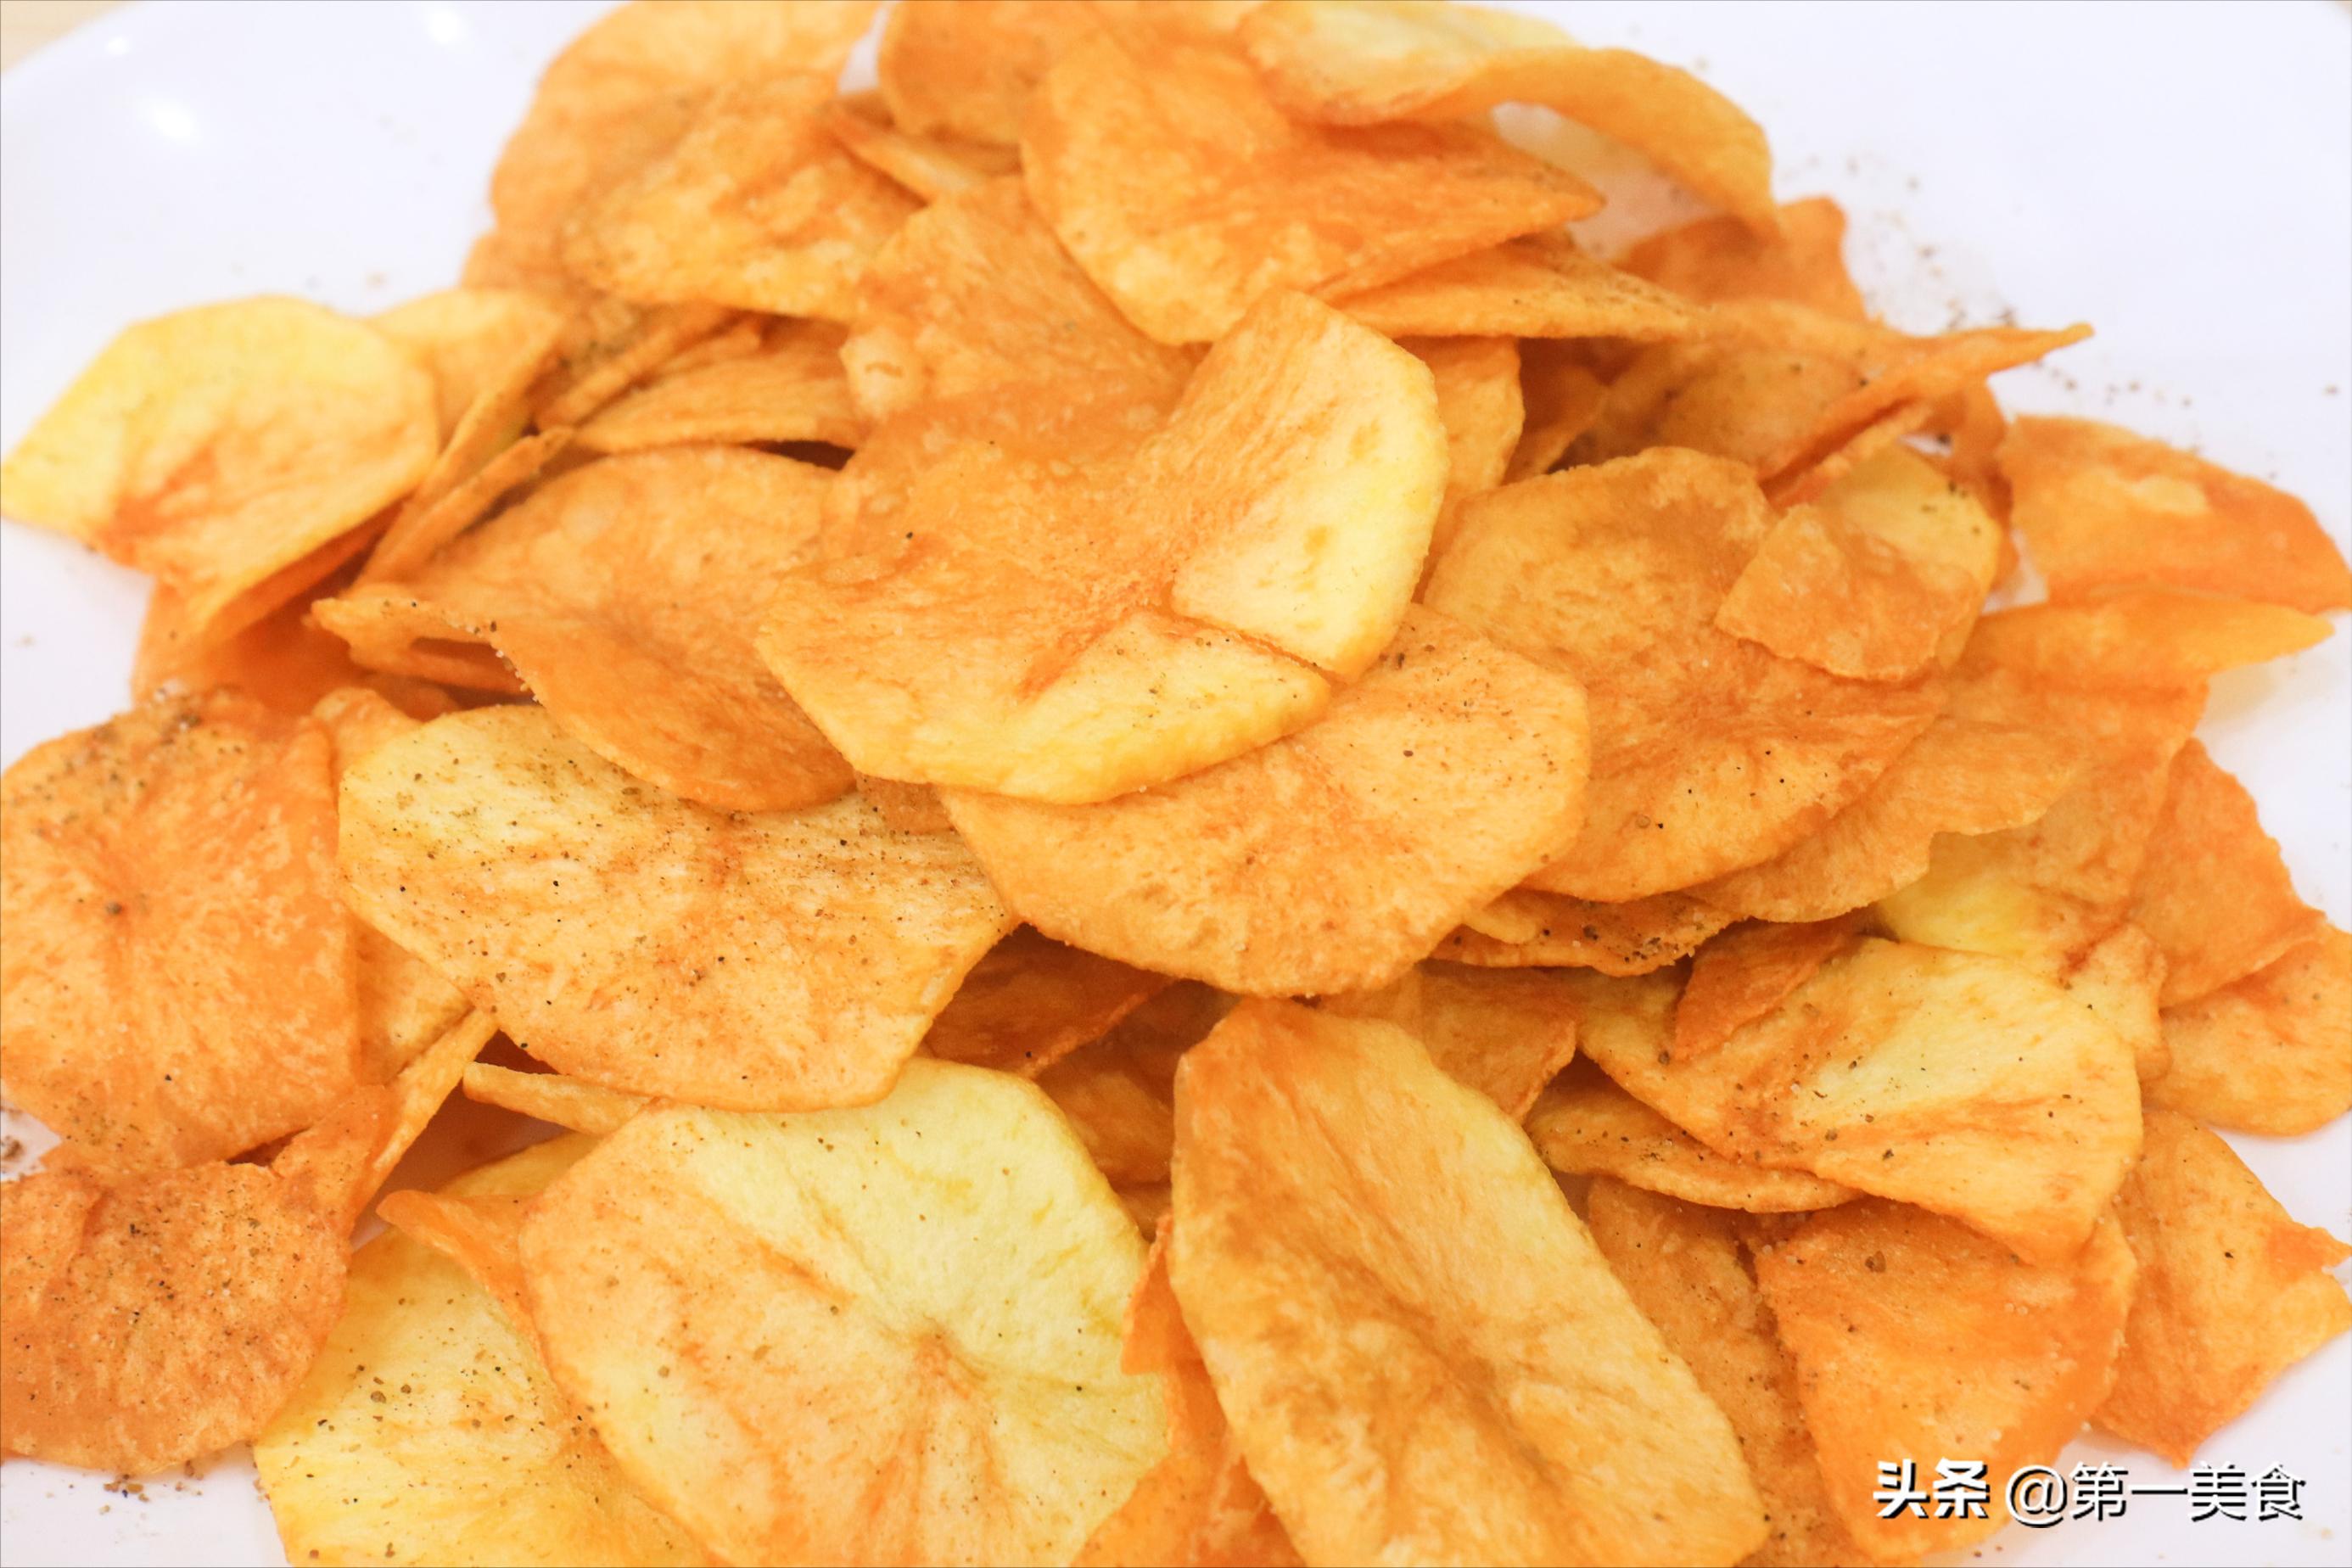 想吃薯片不用买,自己在家炸的一样嘎嘣脆,三个土豆炸一大锅 美食做法 第6张